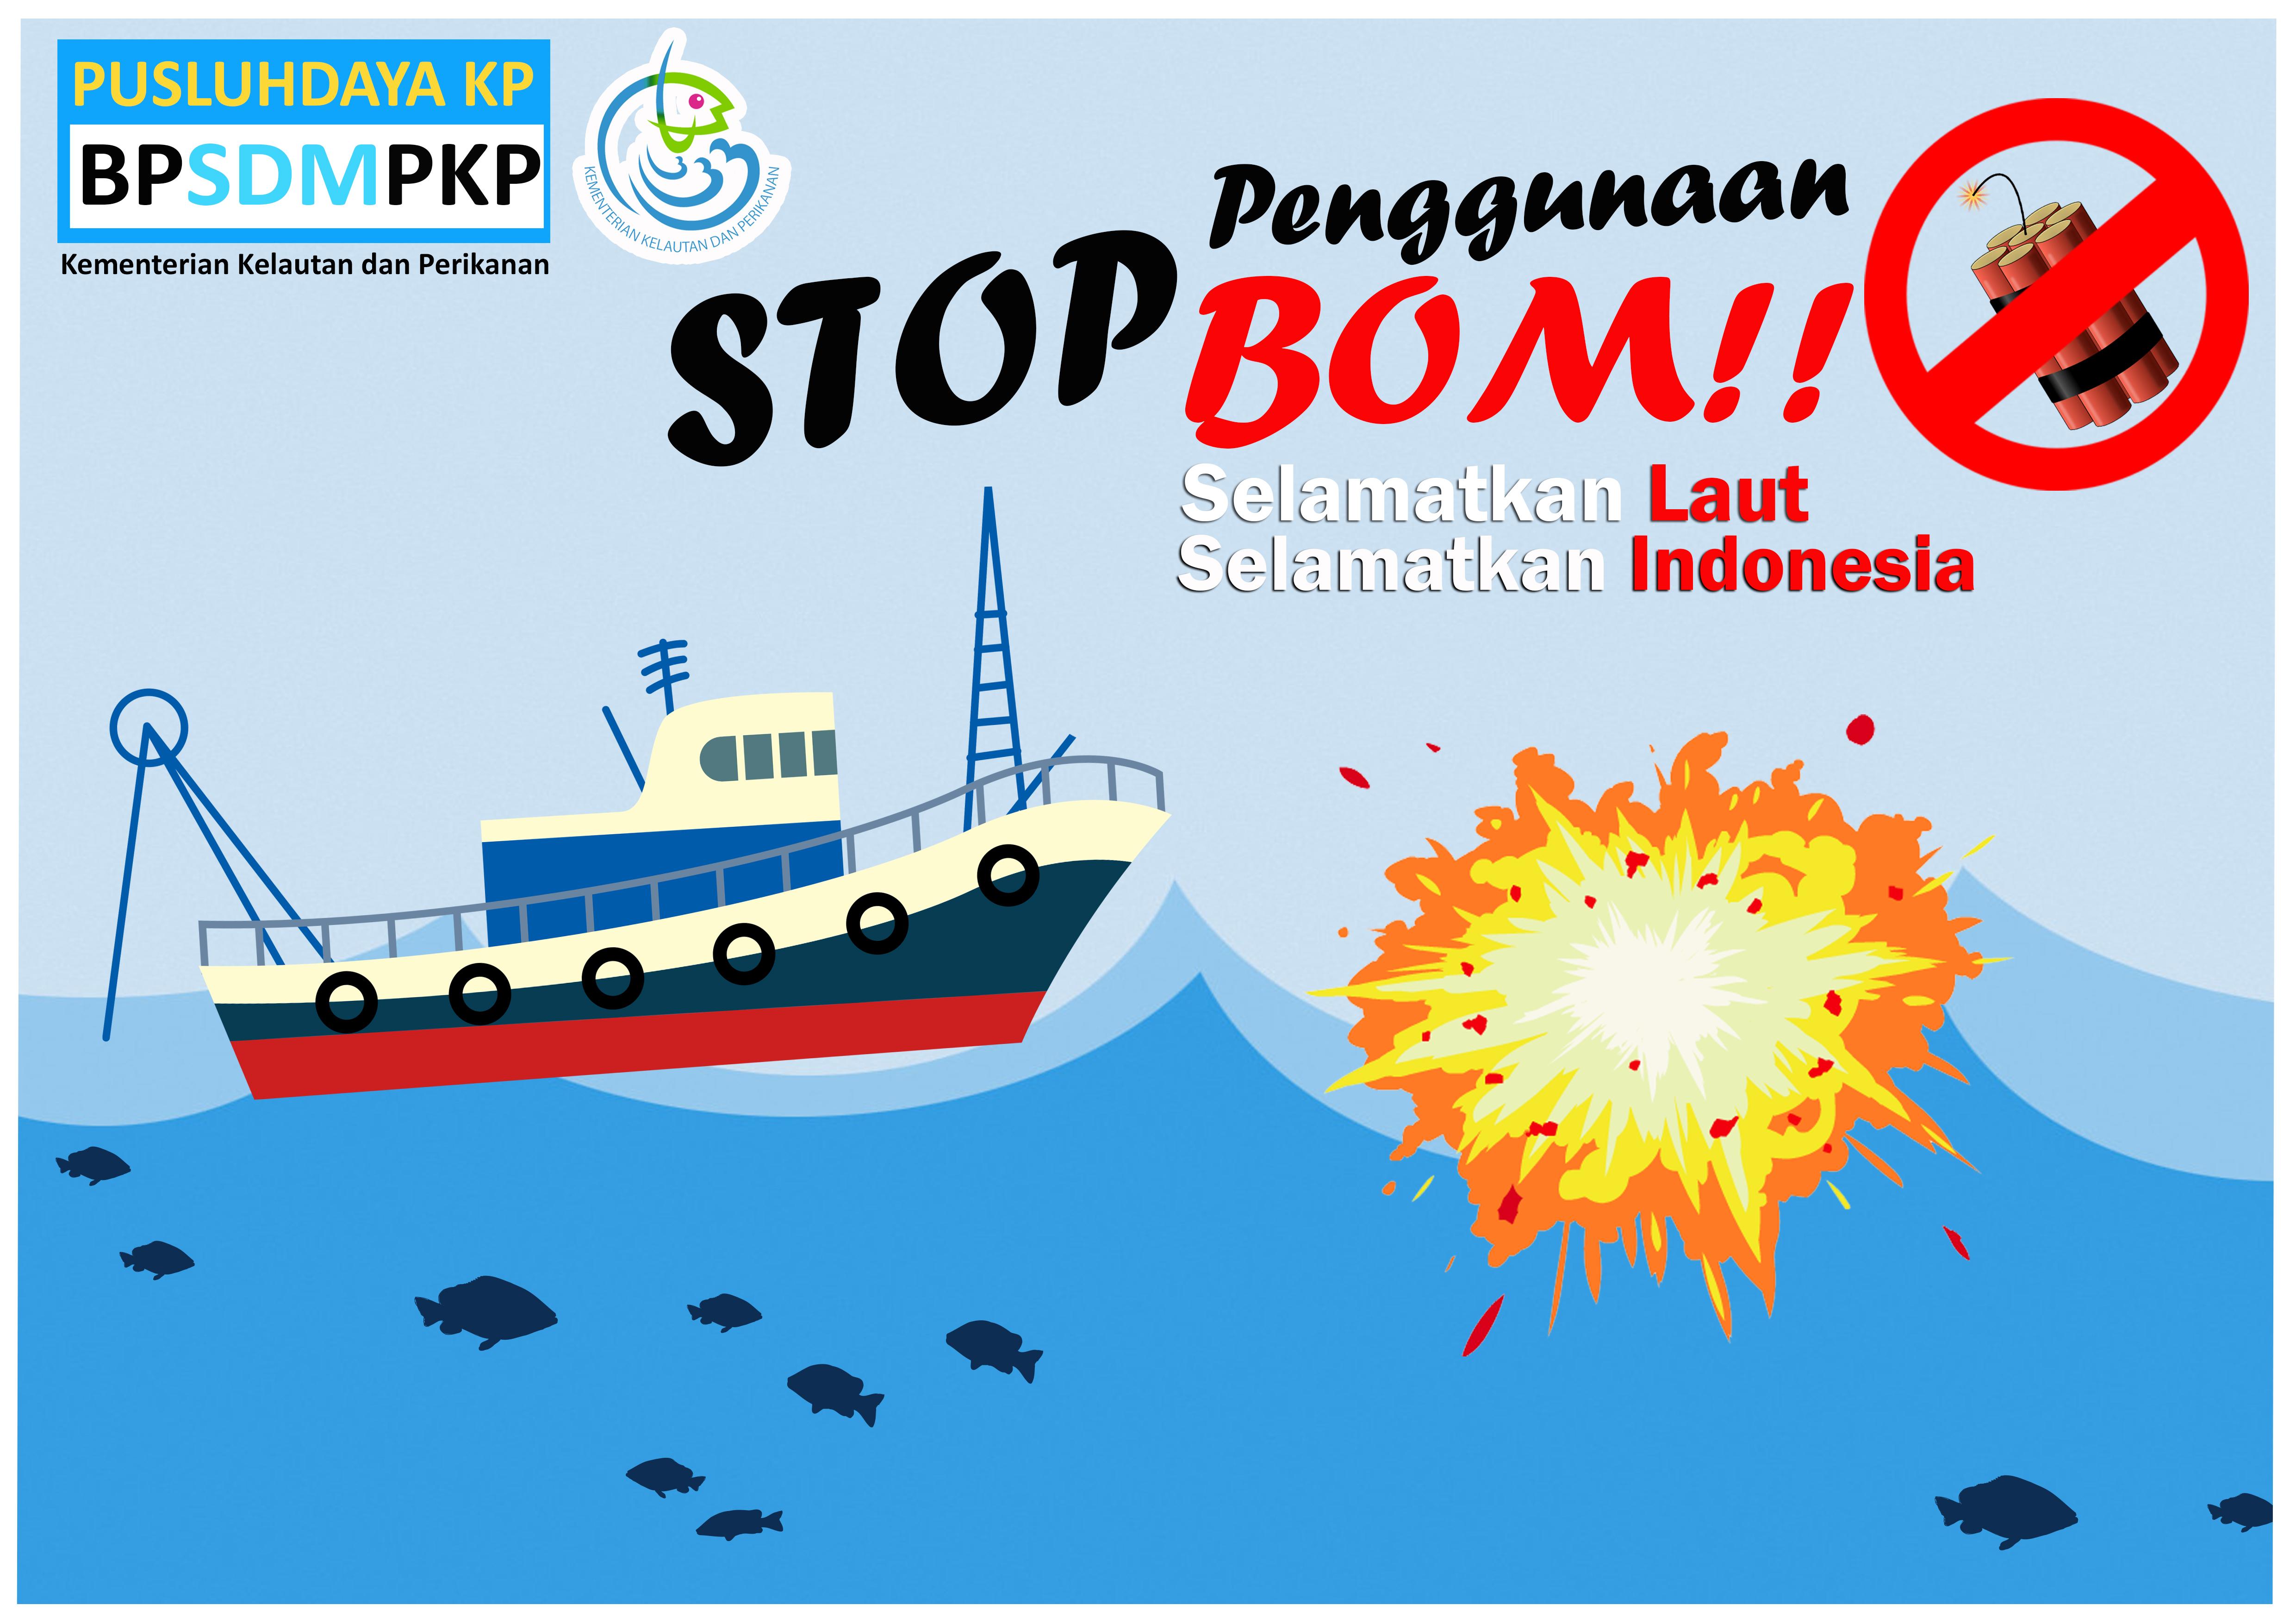 SELAMATKAN LAUT SELAMATKAN INDONESIA